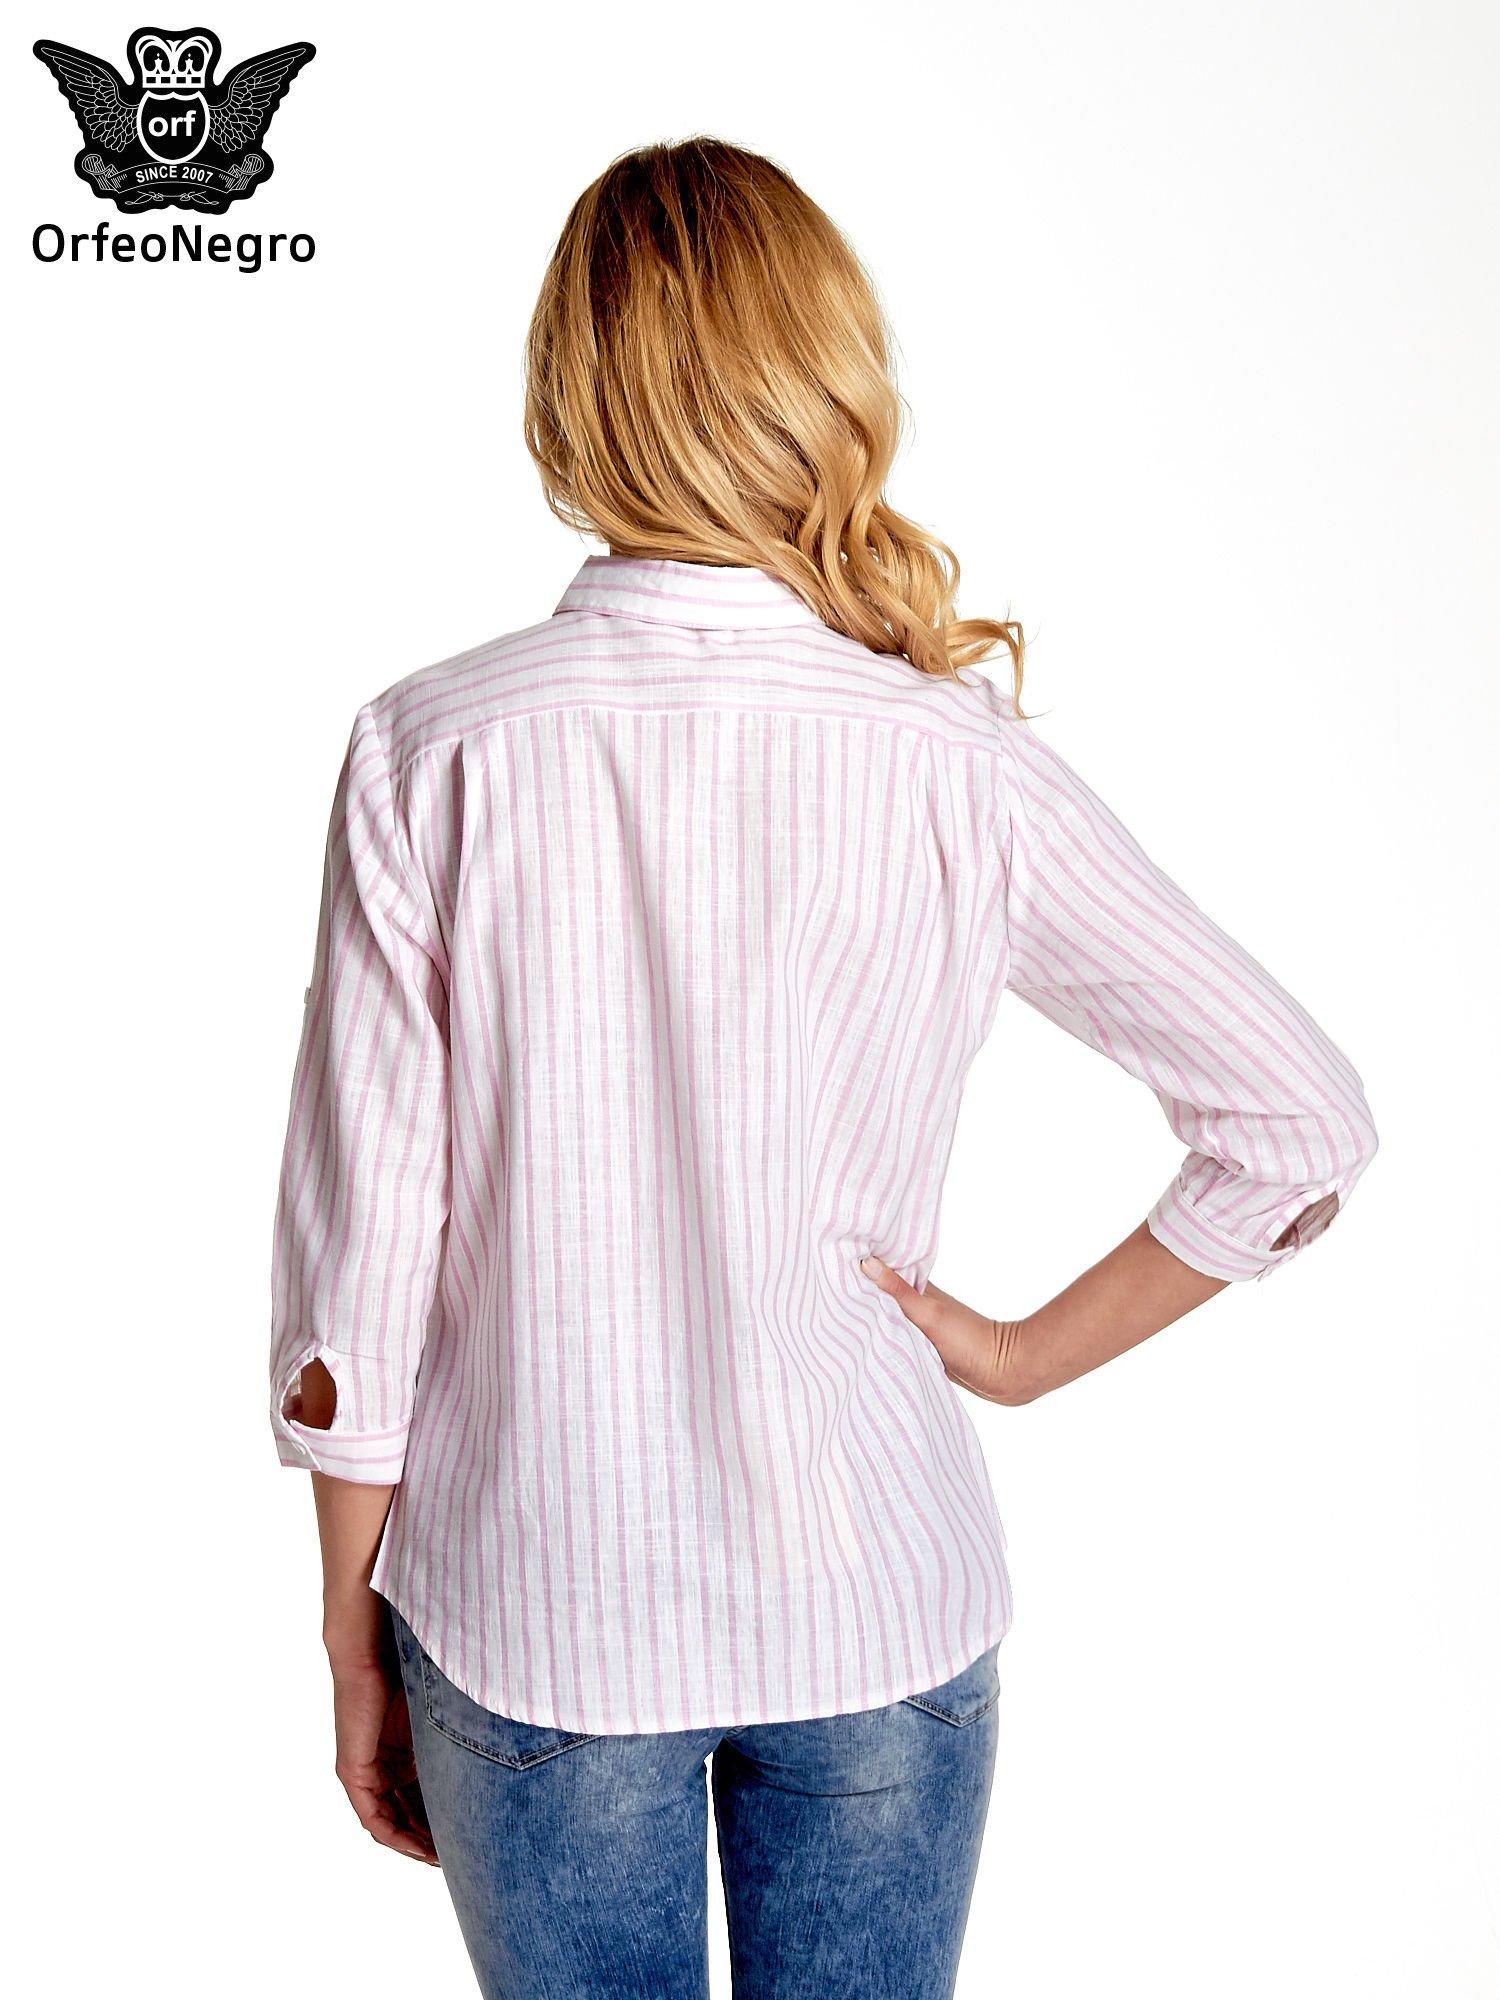 Biała koszula w jasnoróżowe prążki z aplikacją na kołnierzyku                                  zdj.                                  2